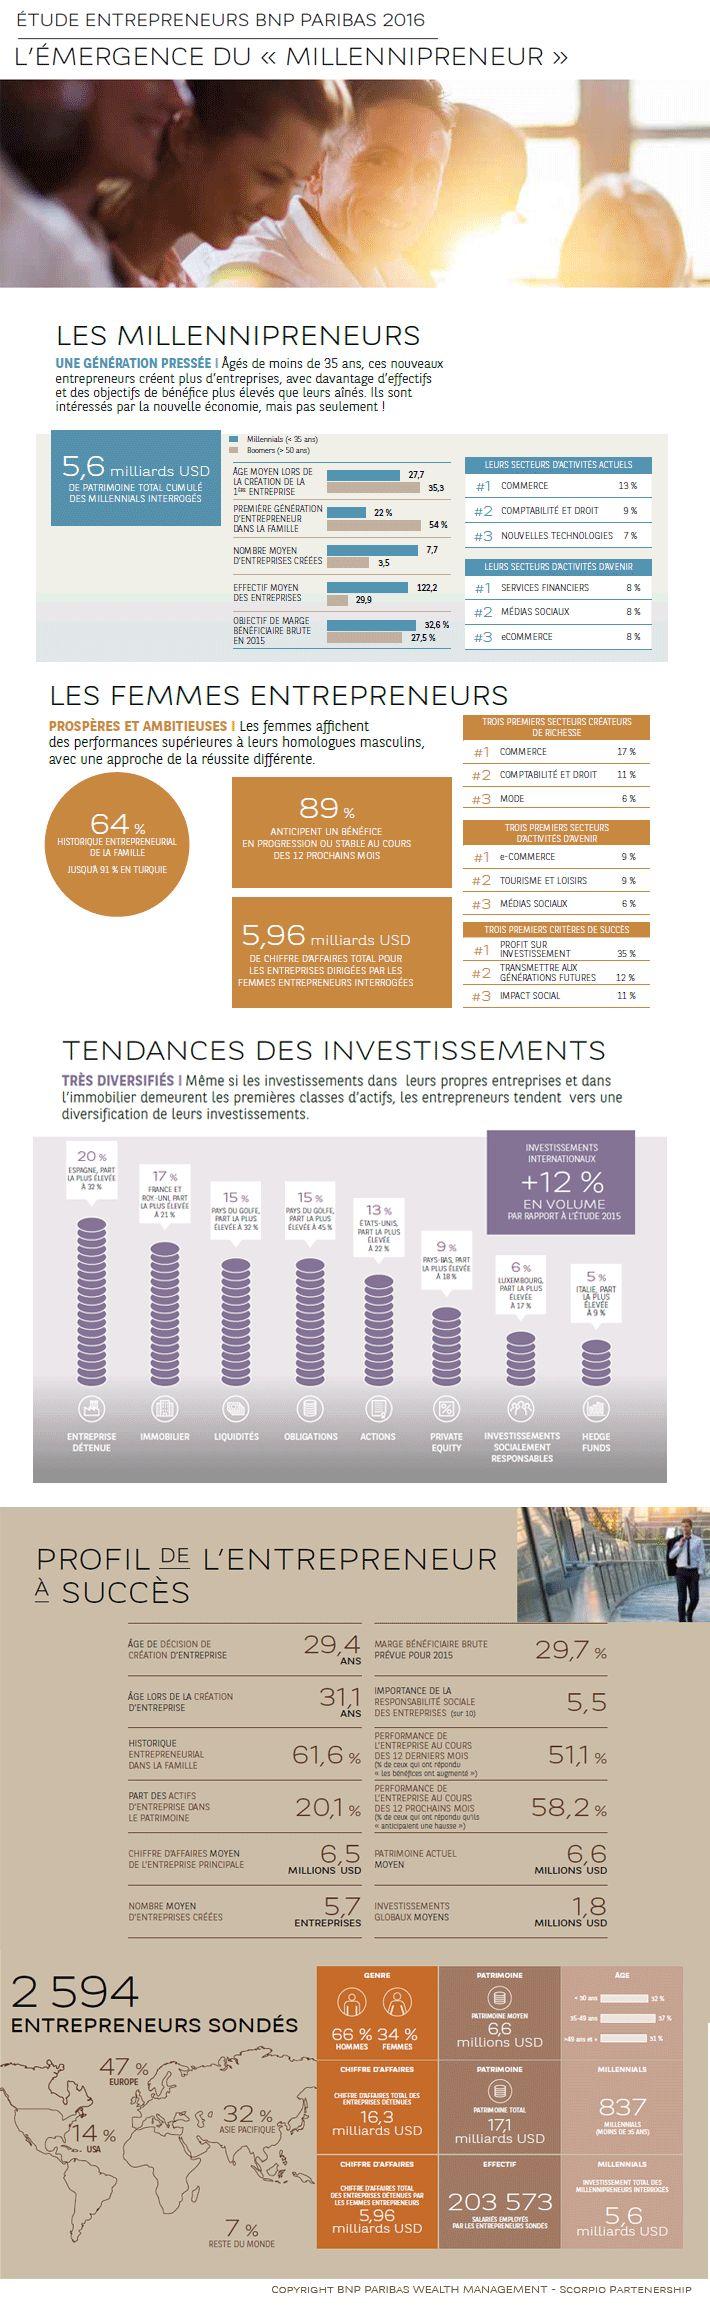 """[Infographie] Etude Entrepreneurs BNP Paribas 2016 :: L'émergence du """"Millennipreneur"""" #Millennipreneurs :: Copyright BNP Paribas Wealth Management"""